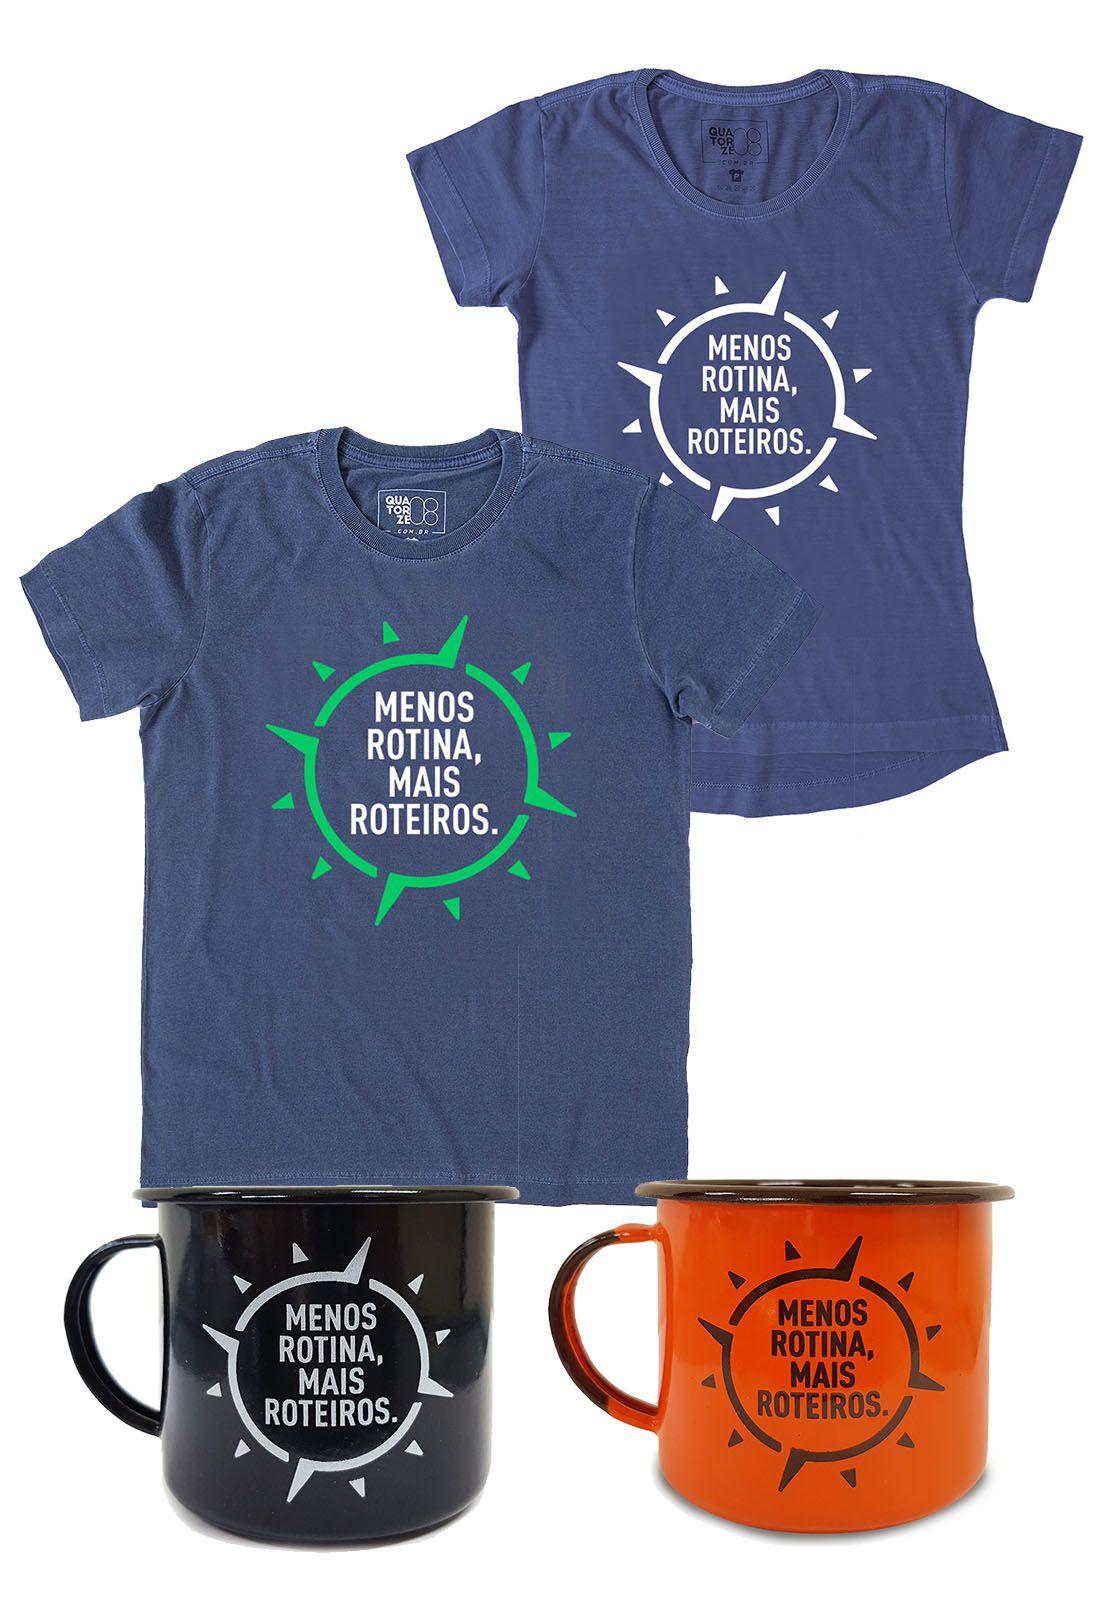 Kit Camisetas e Canecas Menos Rotina, Mais Roteiros 1